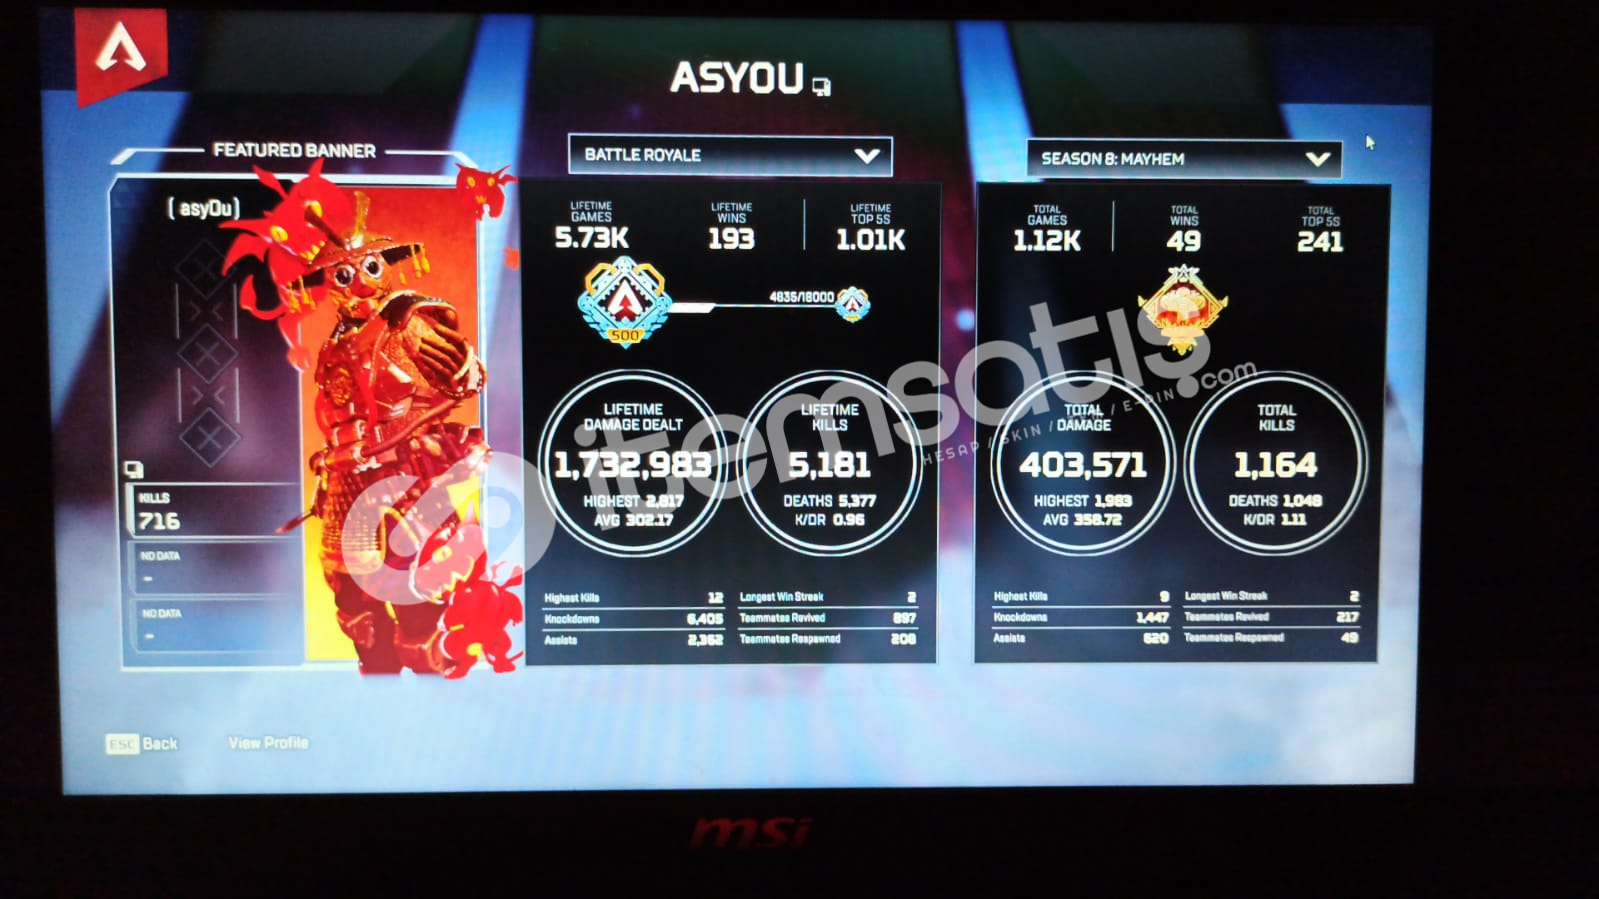 2200 TL LİK 2 heirloomlu 500 level hesap !!!